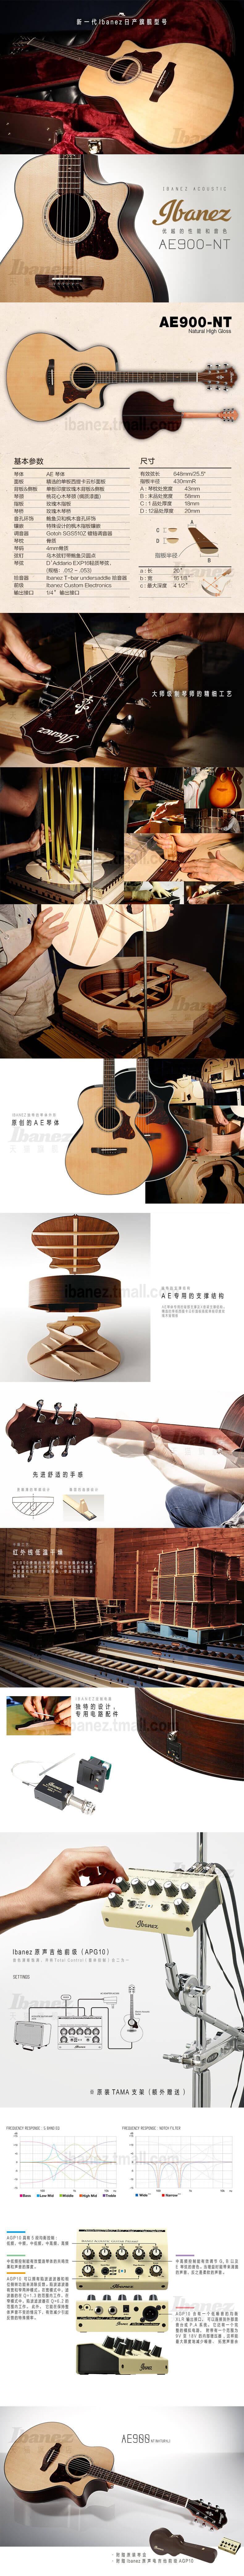 Ibanez 爱宾斯 依班娜 AE900-NT 电箱民谣 木吉他 专业演奏型 06